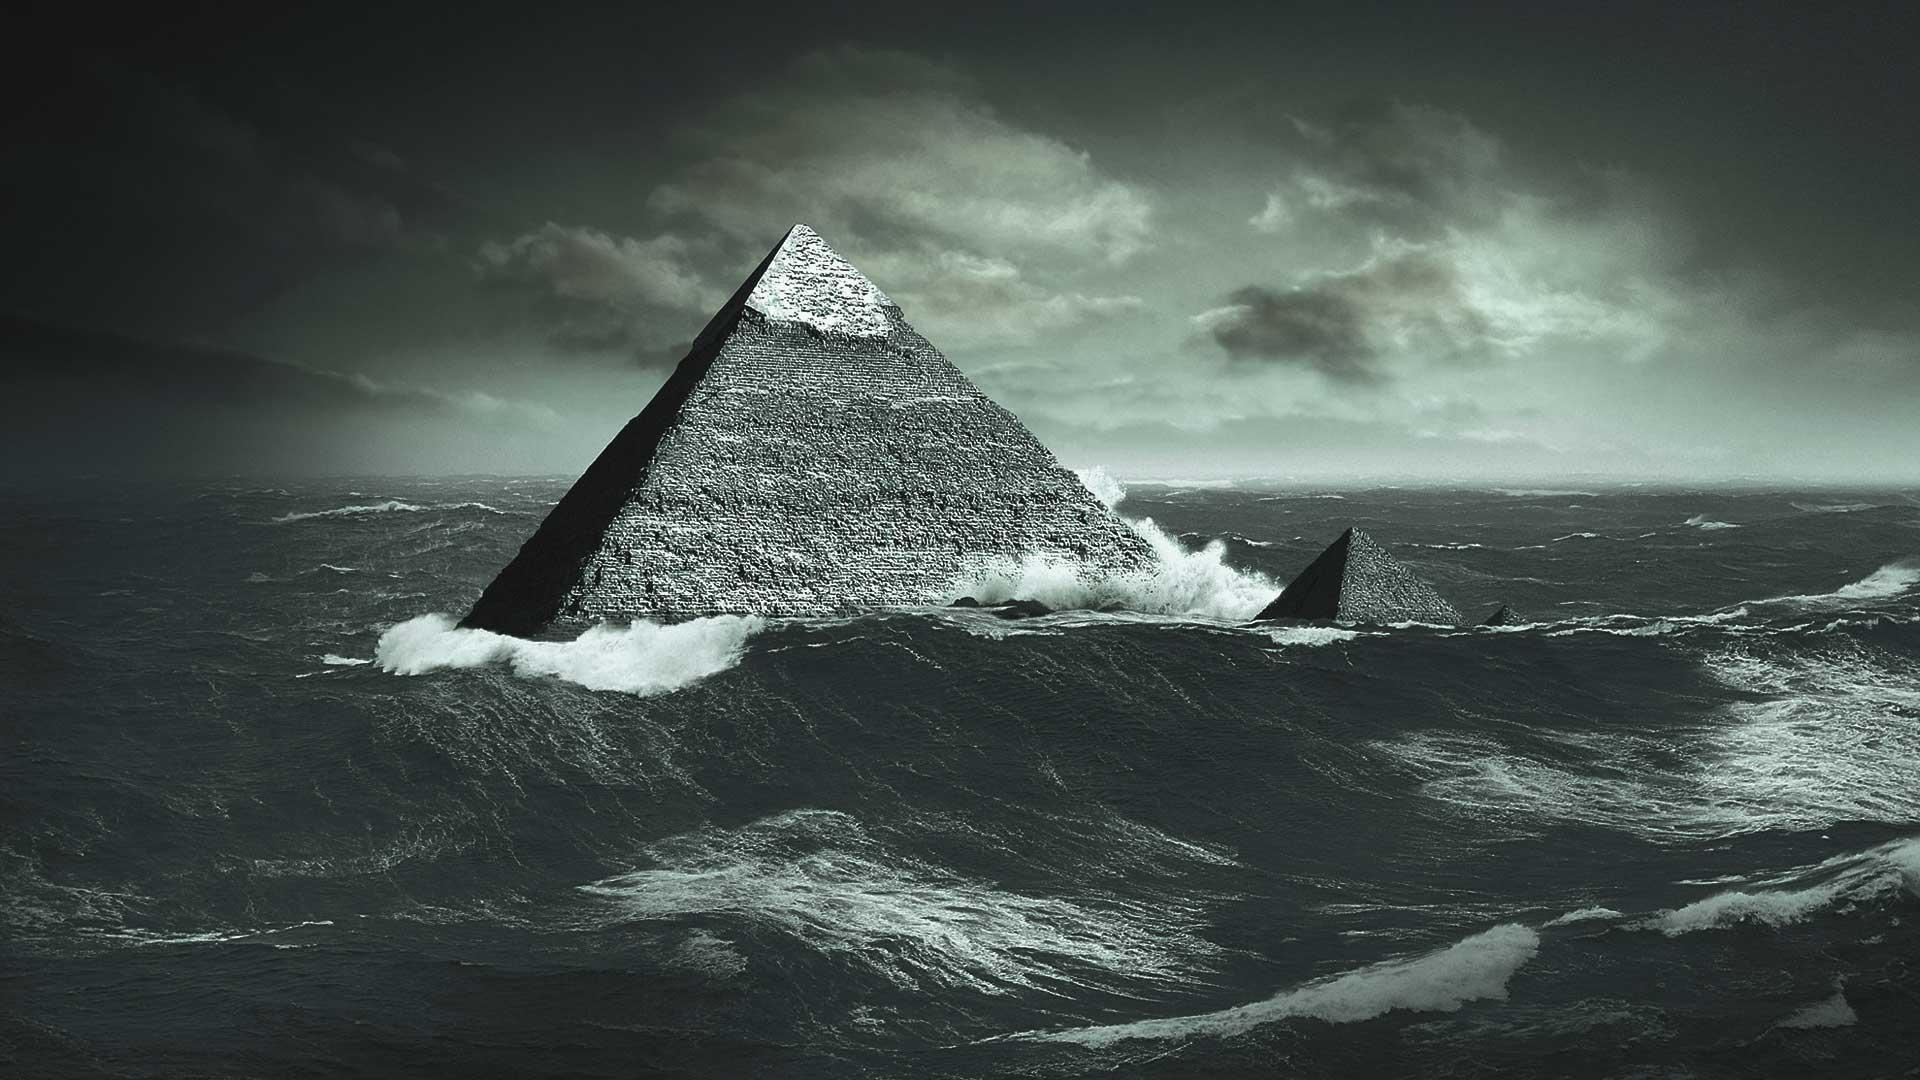 ¿Son las pirámides de Egipto más antiguas que el Diluvio Universal?